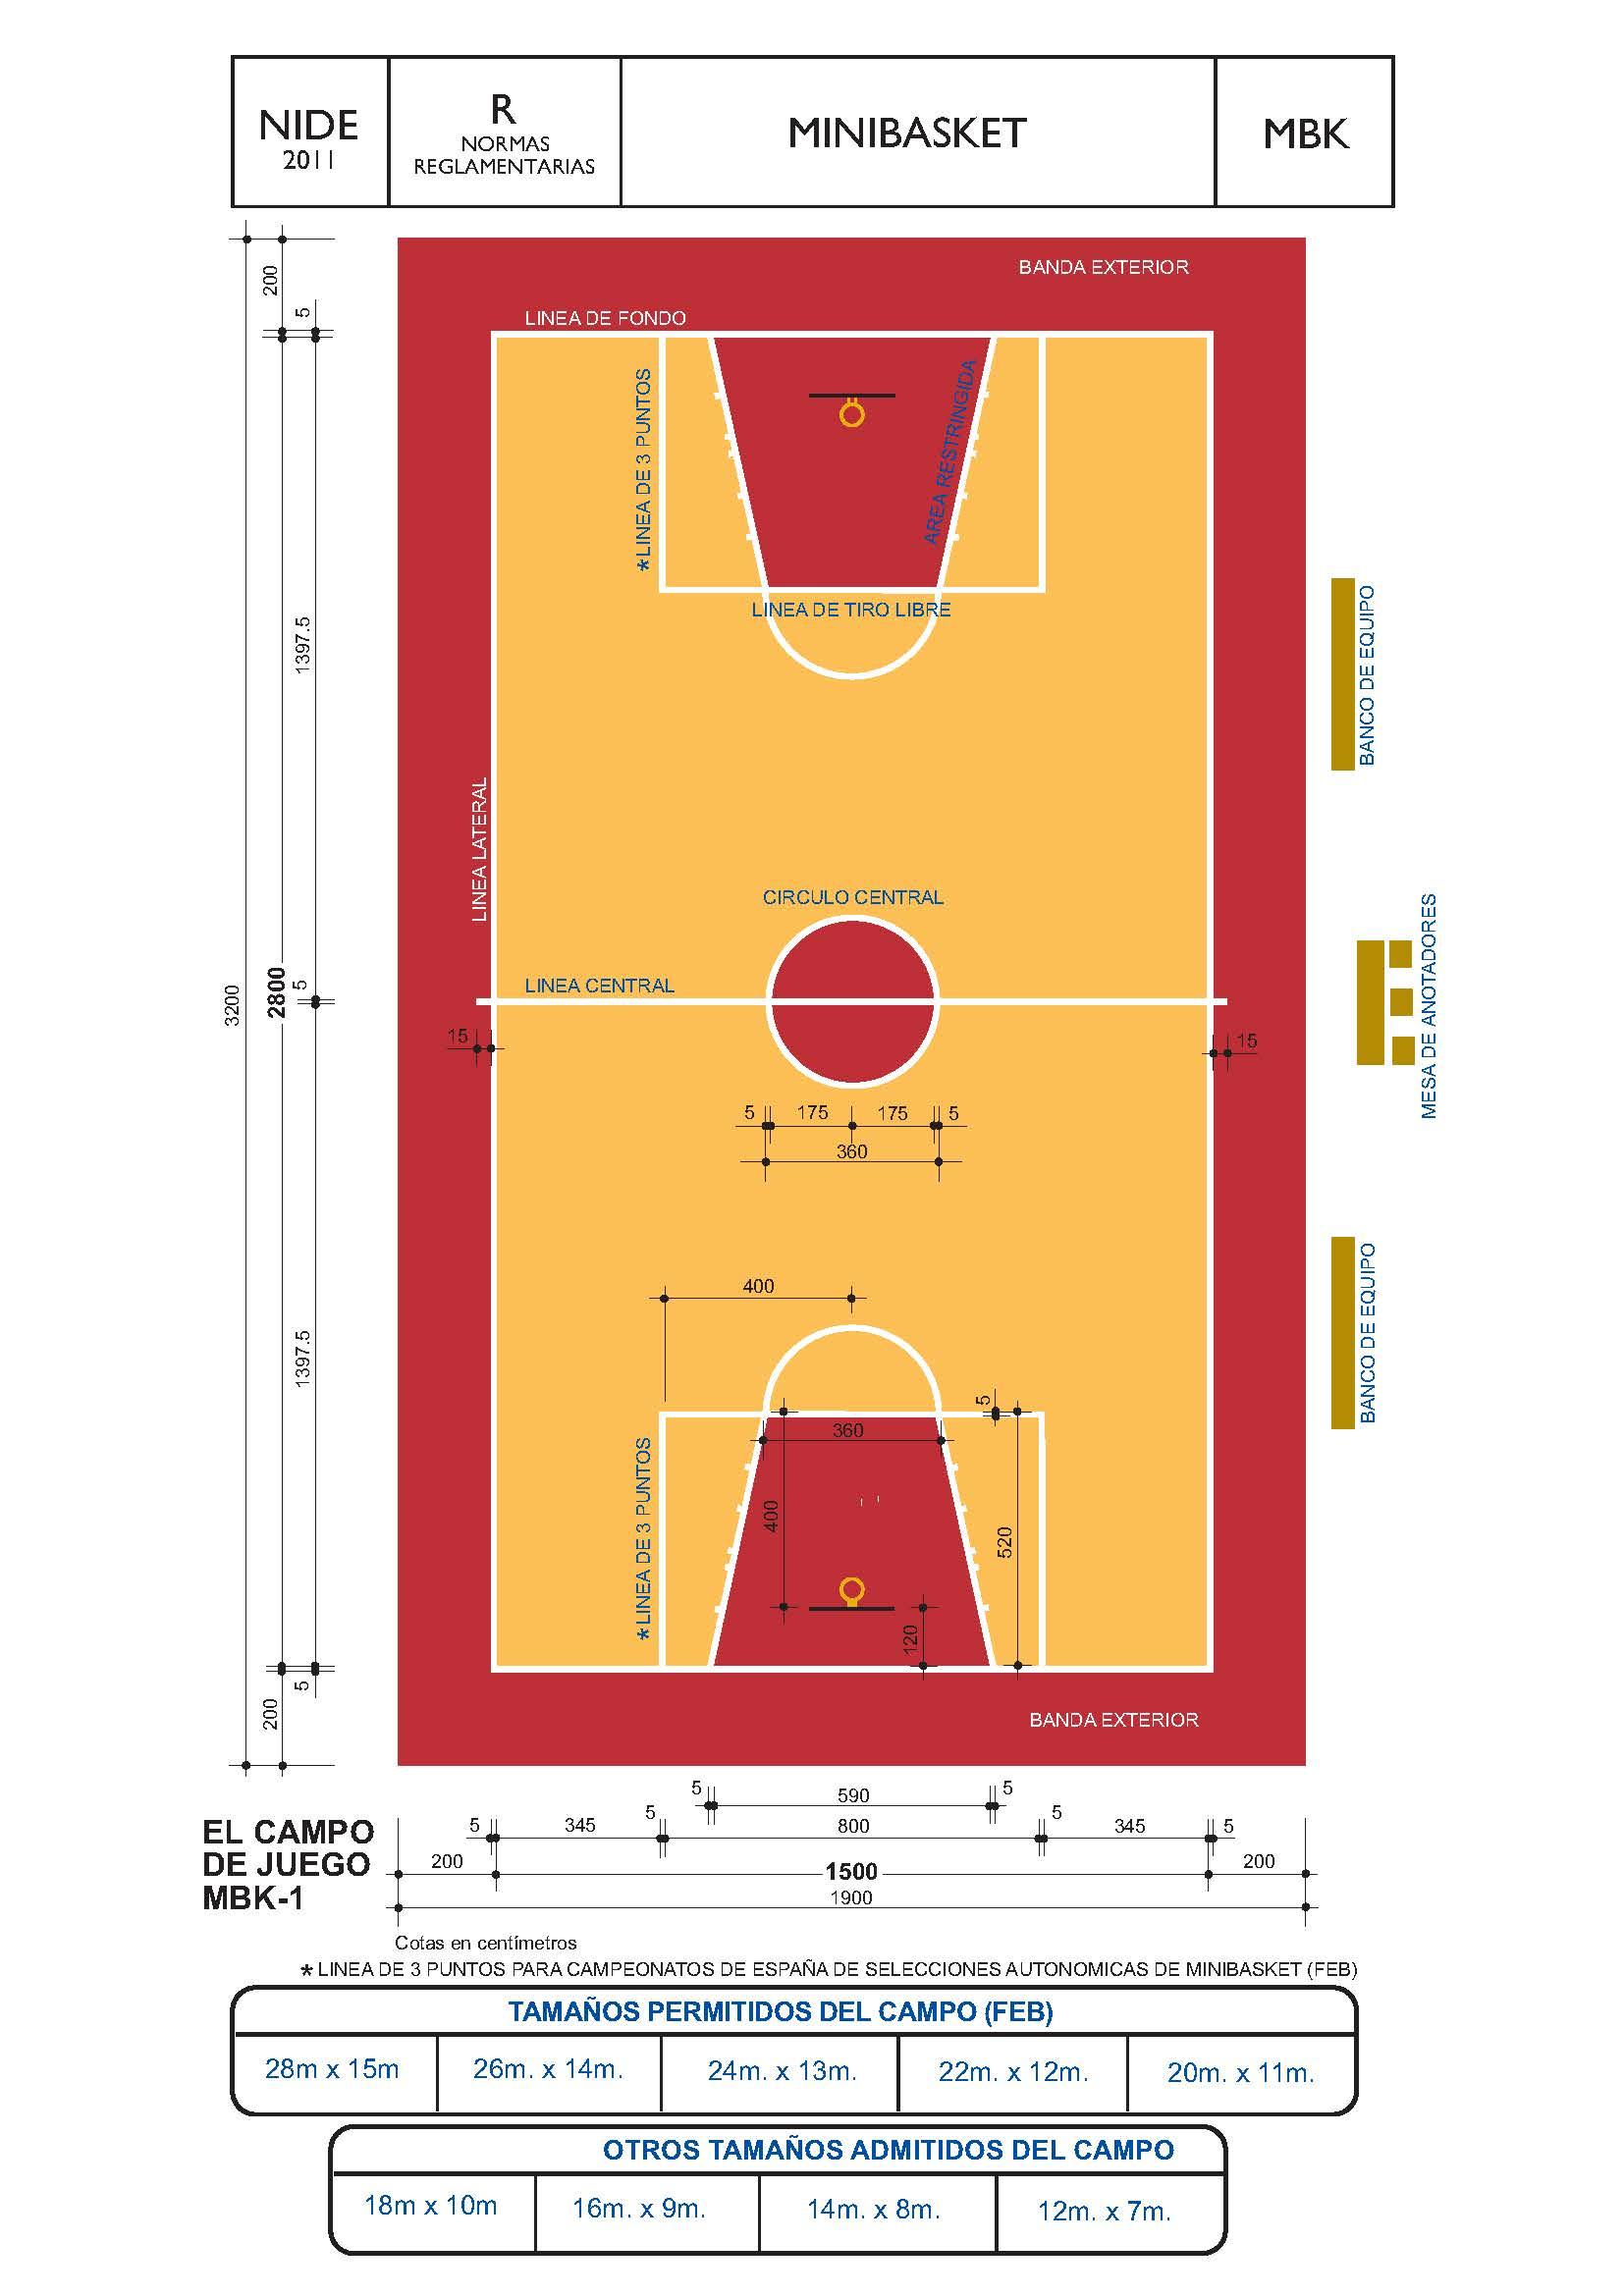 construcción pista deportiva mini basket